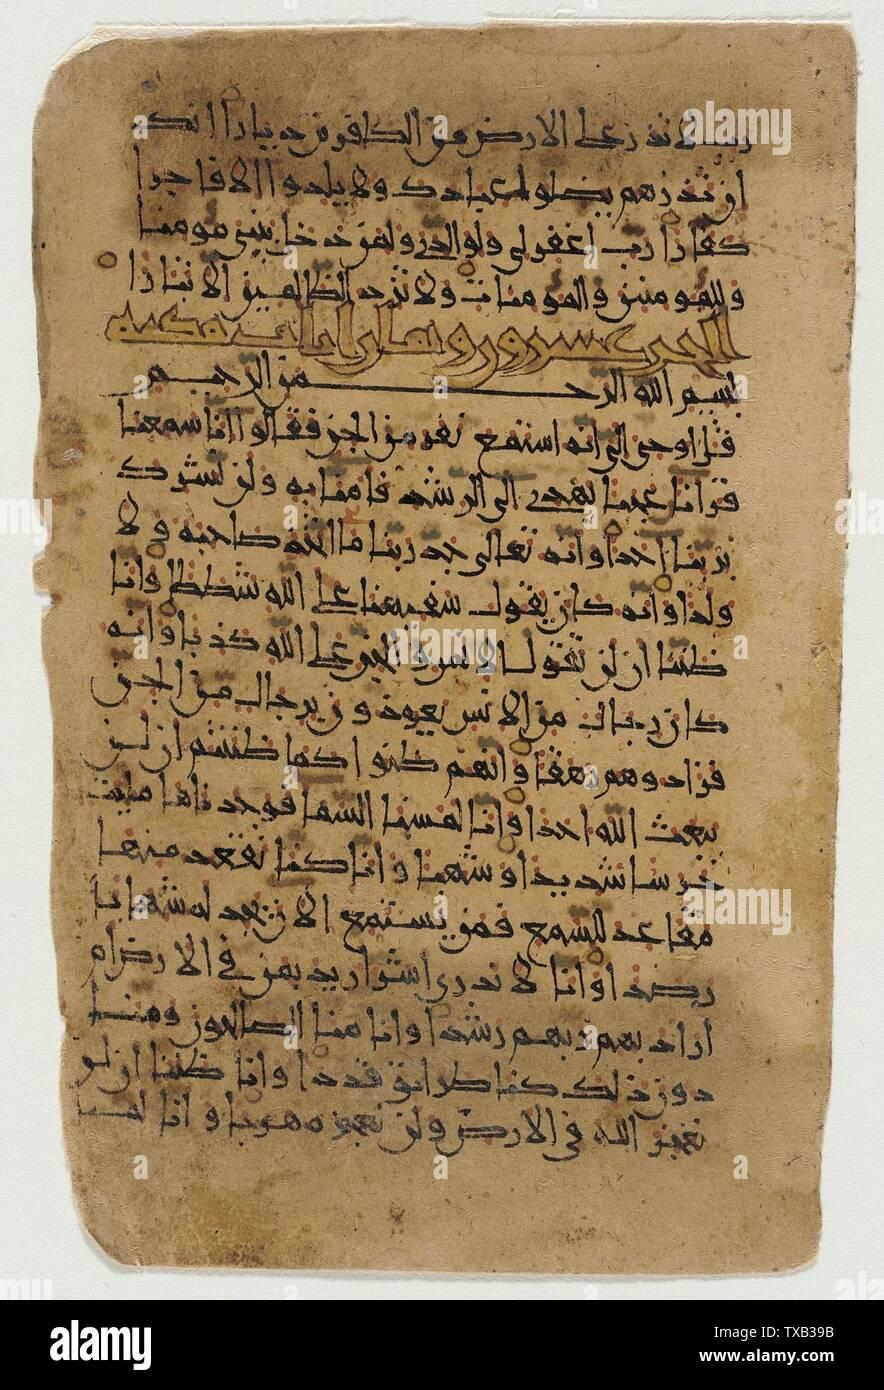 'Page d'un manuscrit du Qur'an (71:26-72:13); Anglais: Probablement l'Egypte, 11ème-12ème siècle, manuscrits de l'encre et couleurs sur papier Folio, total: 5 3/4 x 3 3/4 in. (14,61 x 9,53 cm); bloc de texte: 5 x 3 1/16 in. (12,7 x 7,78 cm) La Collection d'Art Islamique de Madina, don de Camilla Chandler Frost (M.2002.1.776) L'Art Islamique; 11ème et 12ème siècle; ' Photo Stock